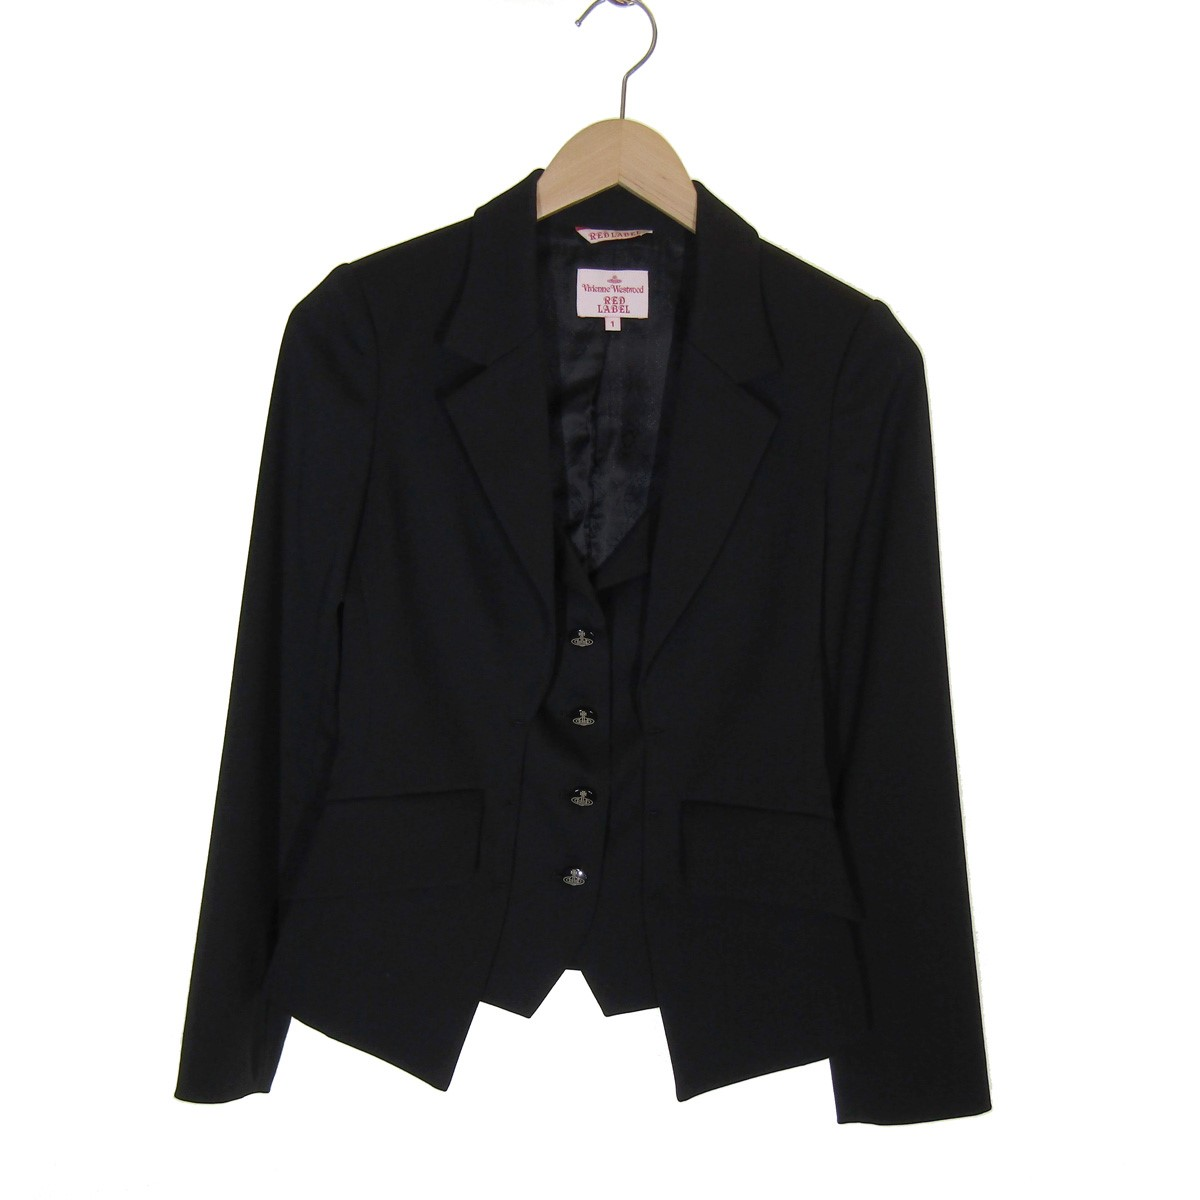 【中古】Vivienne Westwood RED LABEL2019SS レイヤードテーラードジャケット ブラック サイズ:1【3月2日見直し】